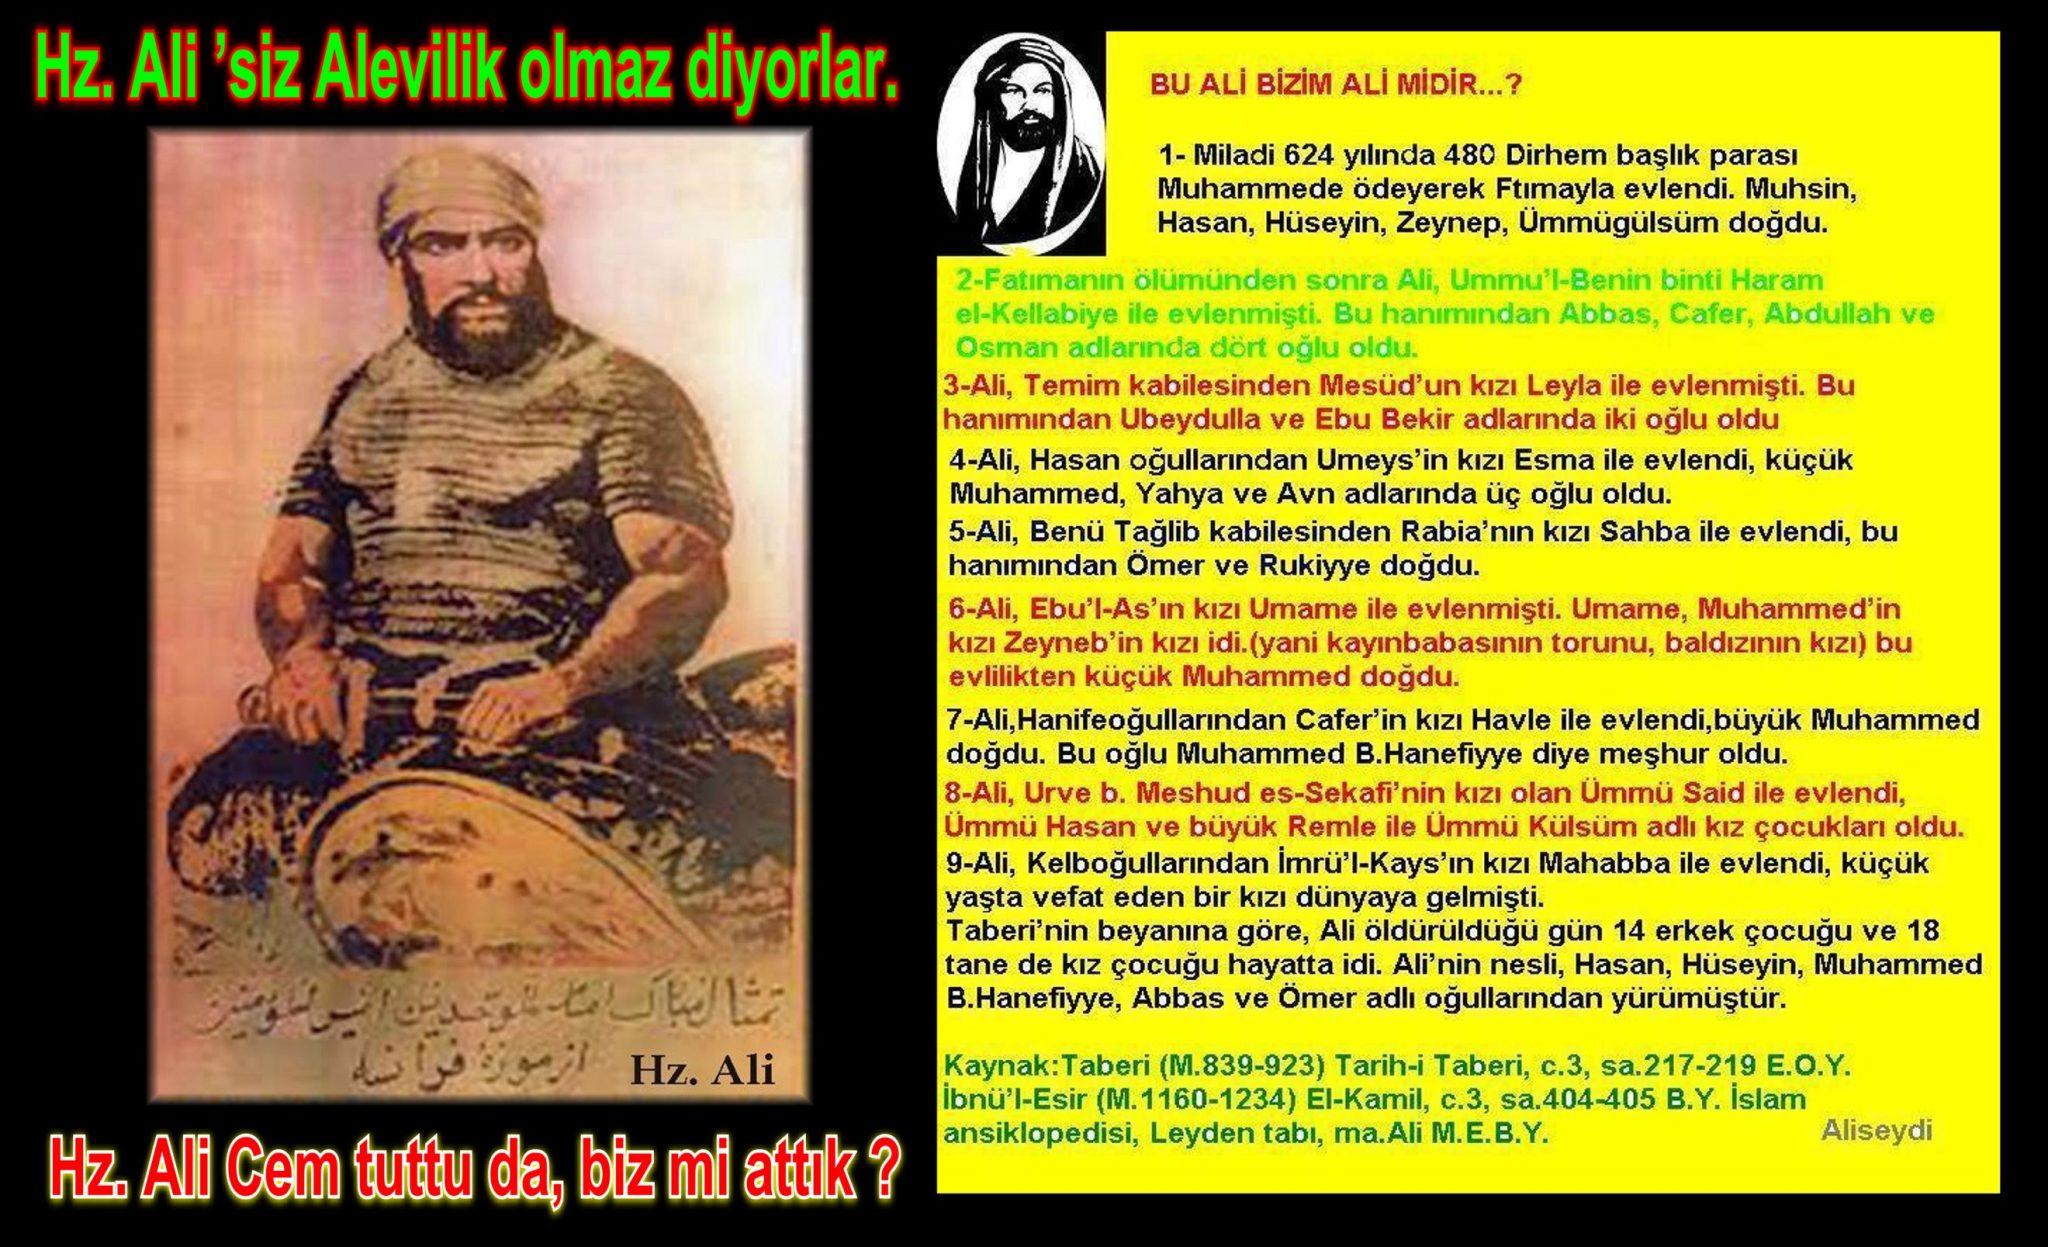 12 Hz imam Ali divani Alevi bektasi kizilbas pir sultan cemevi cem semah devrimci aleviler birligi DAB Feramuz Sah Acar hz ali arap 2 cem mi tuttu bizmi attik ehlibeyt aleviler bunu biliyormu